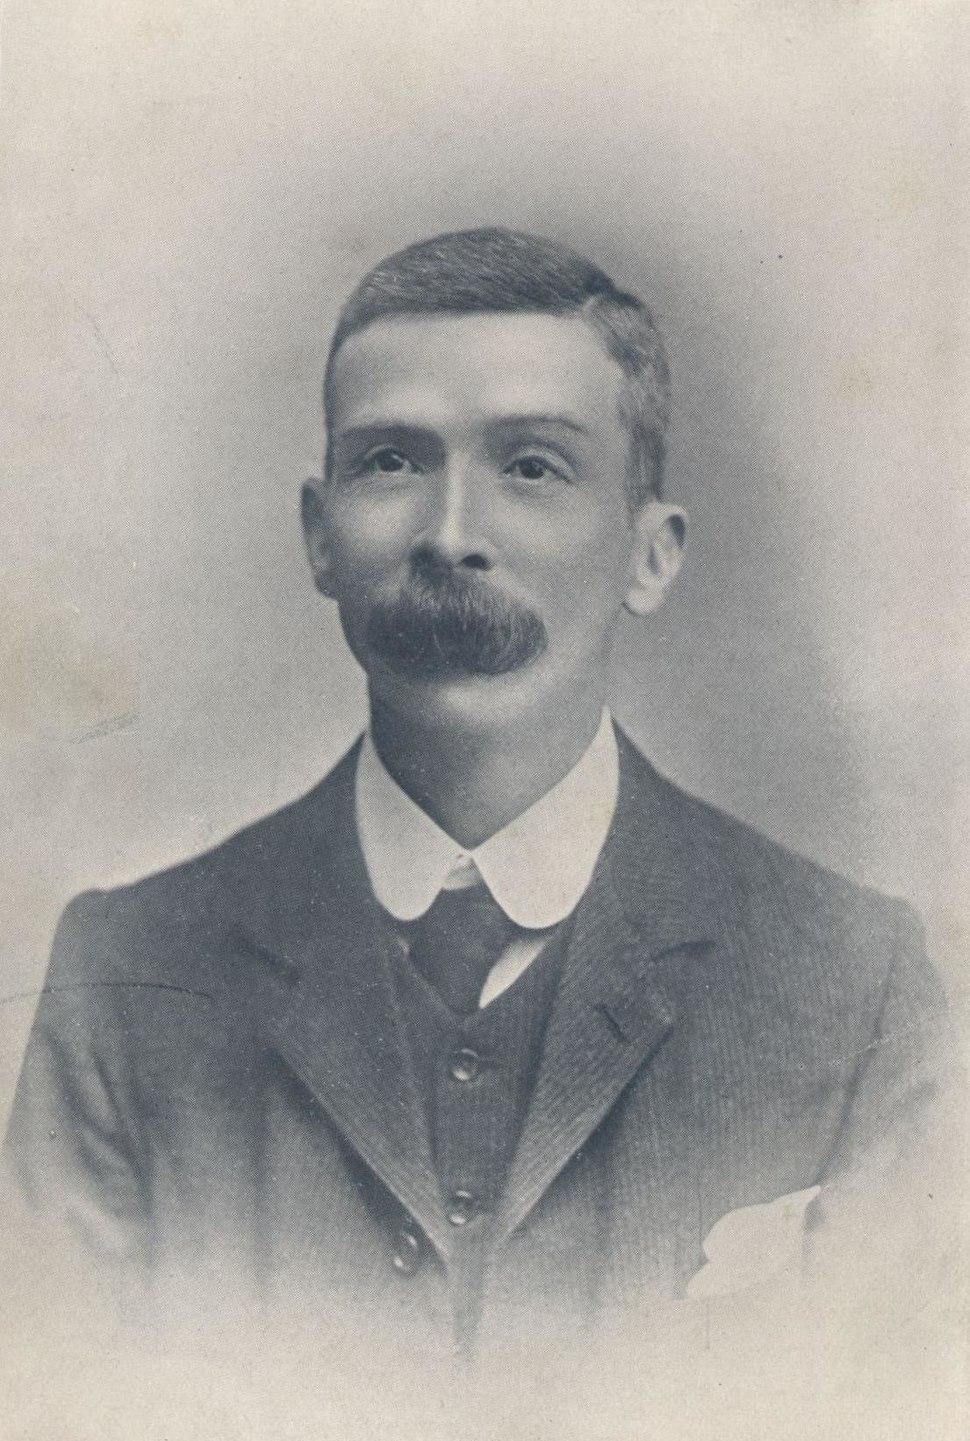 A. W. Ledger